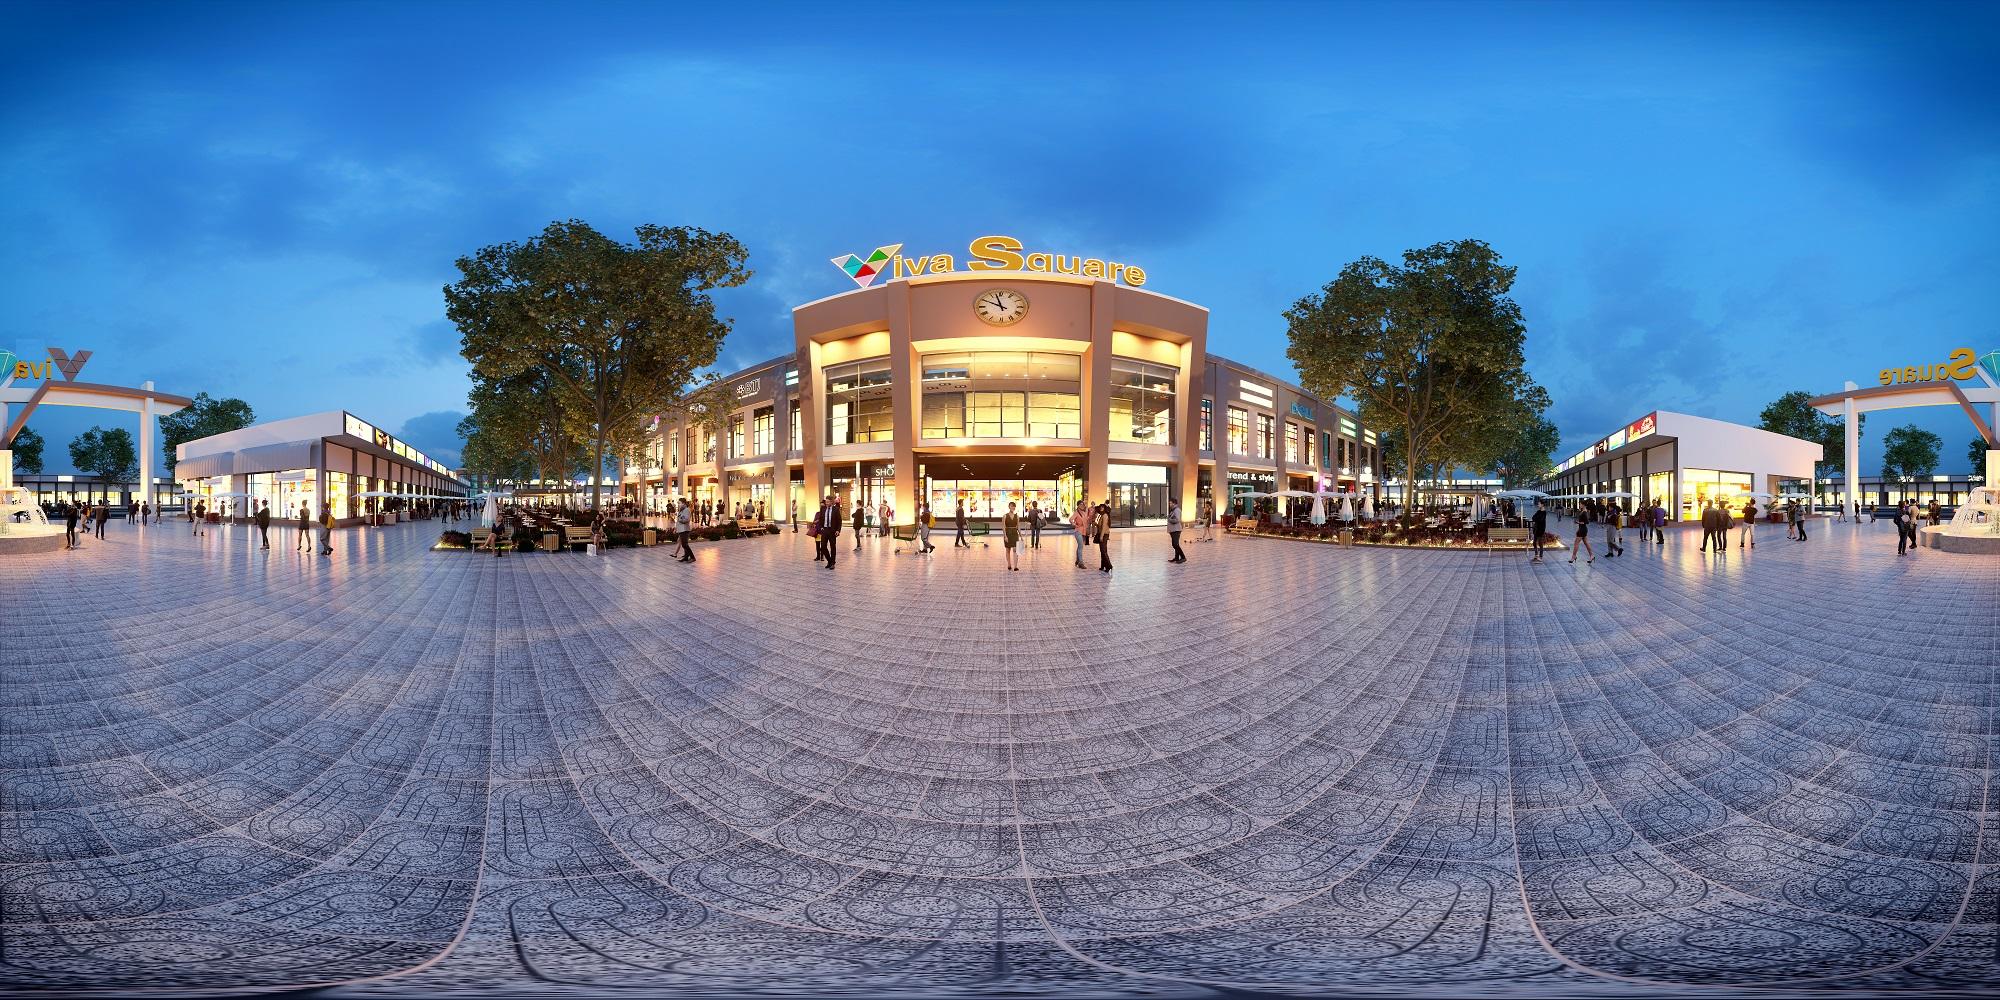 Phối cảnh trung tâm thương mại Viva Square Đồng Nai